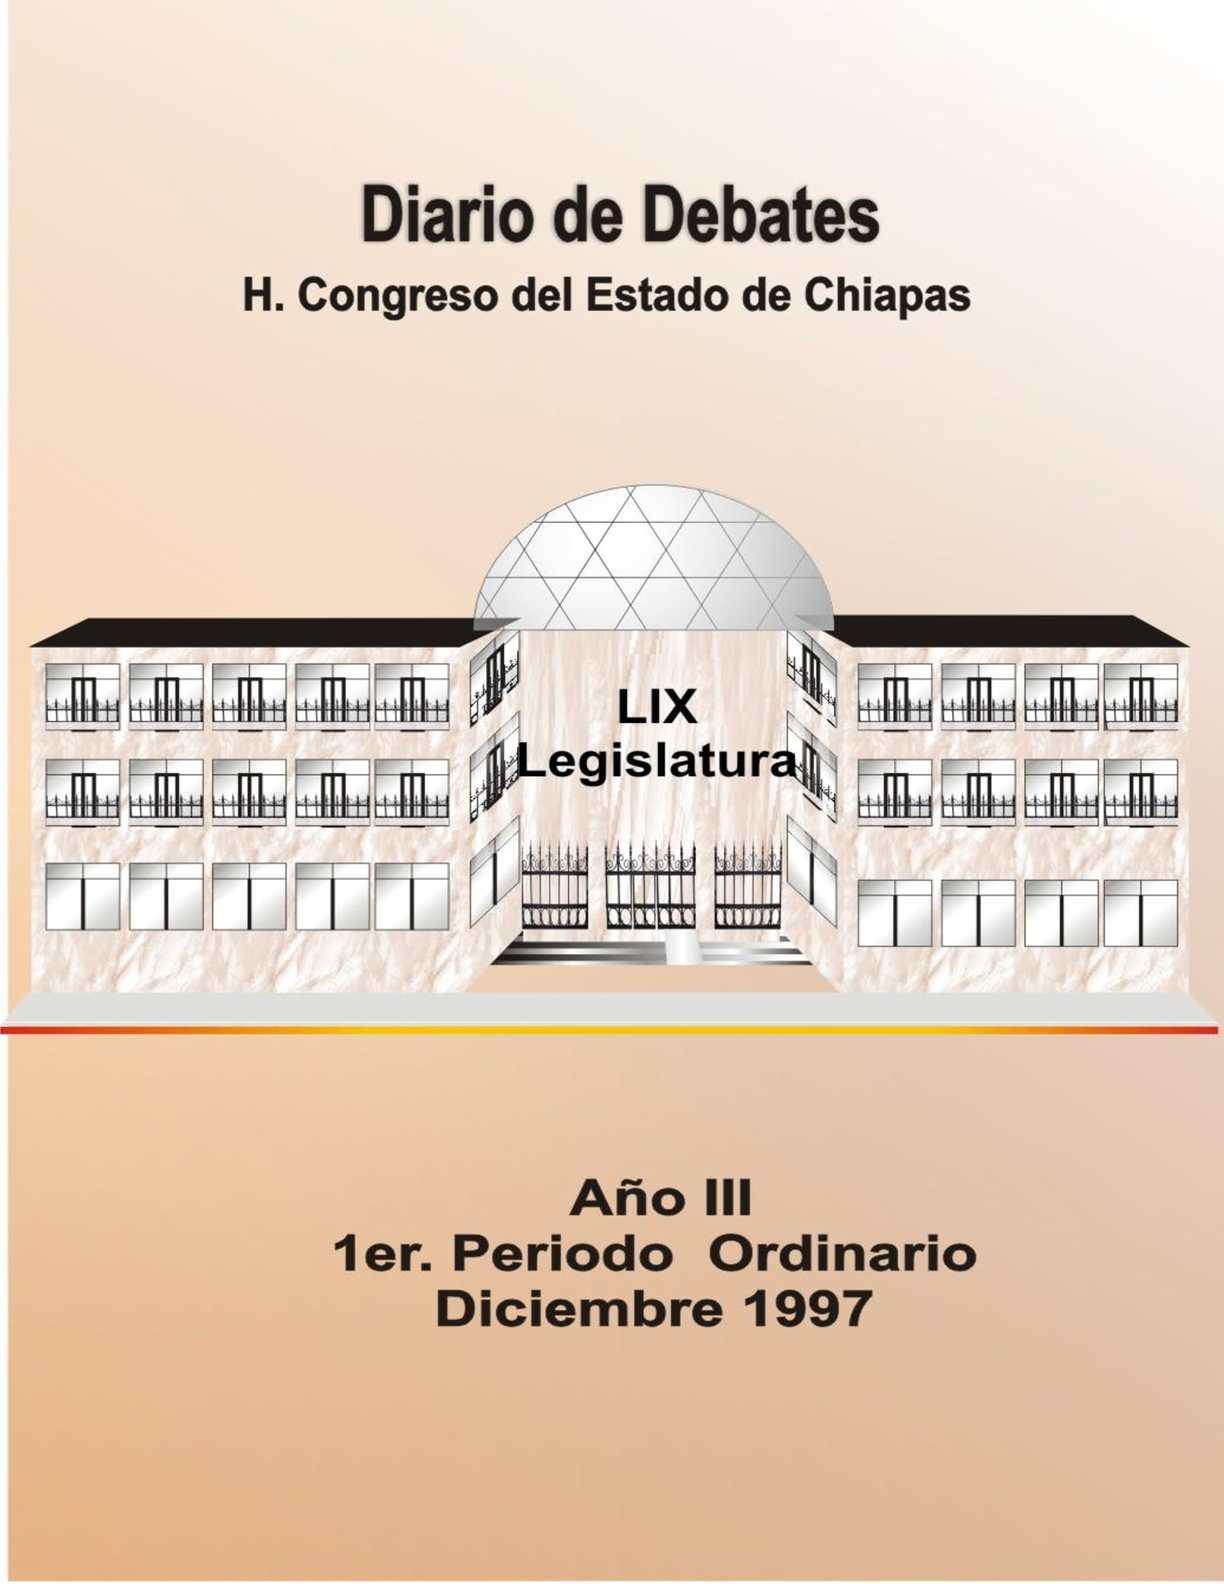 Calaméo - Diciembre 1997 (LIX – 1er. Periodo Ordinario – III)